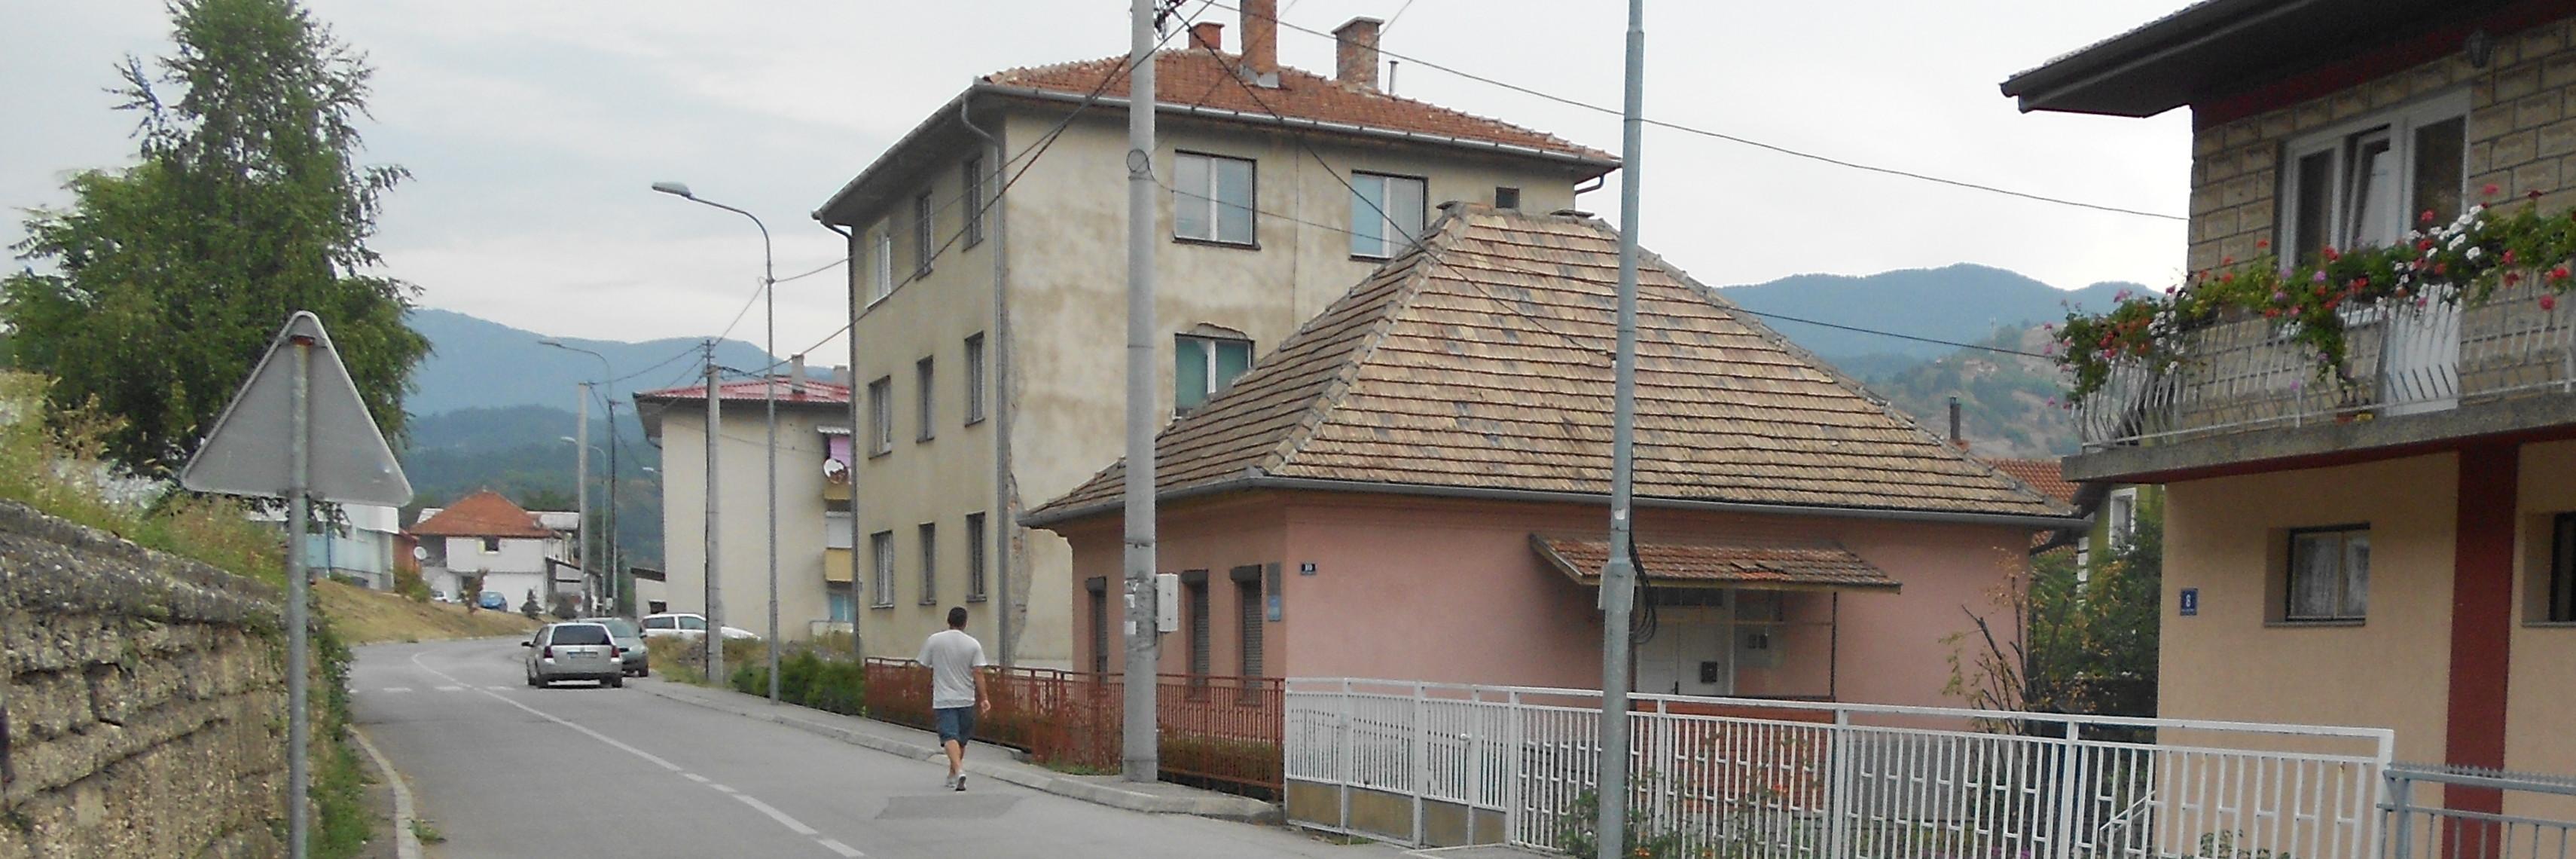 Дом Иво Андрича в Вишеграде